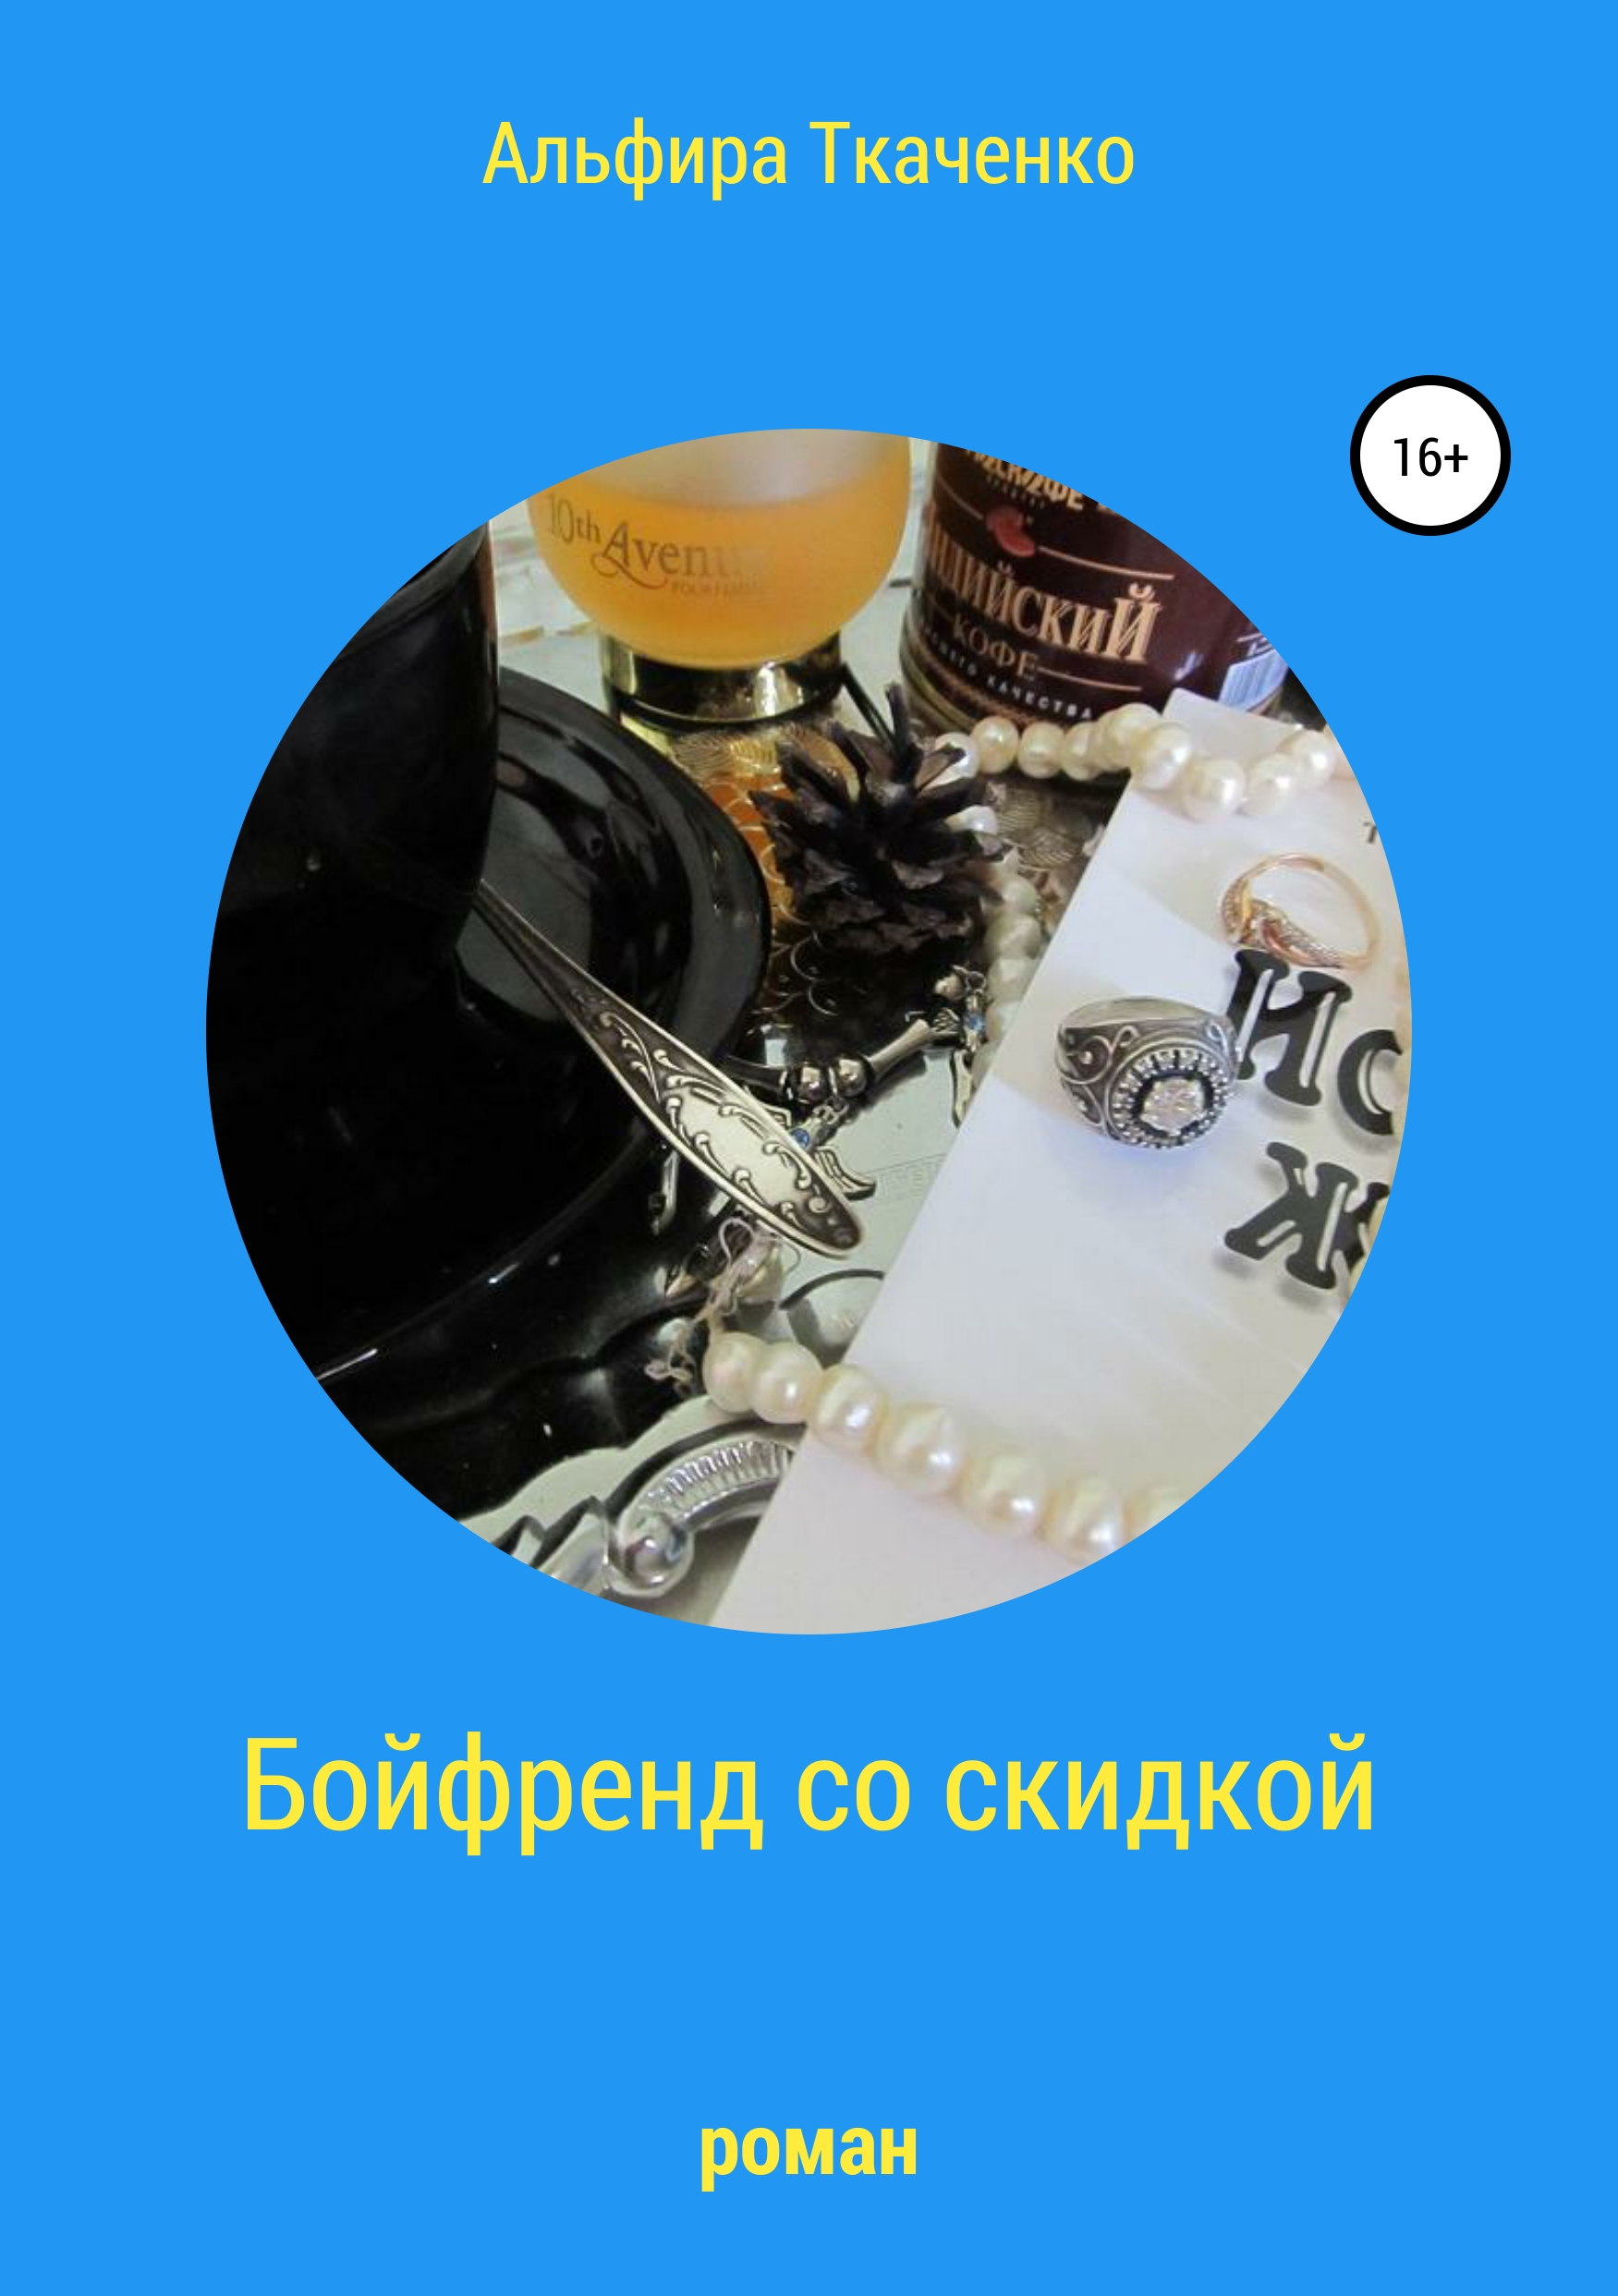 Альфира Федоровна Ткаченко Бойфренд со скидкой canada goose купить со скидкой